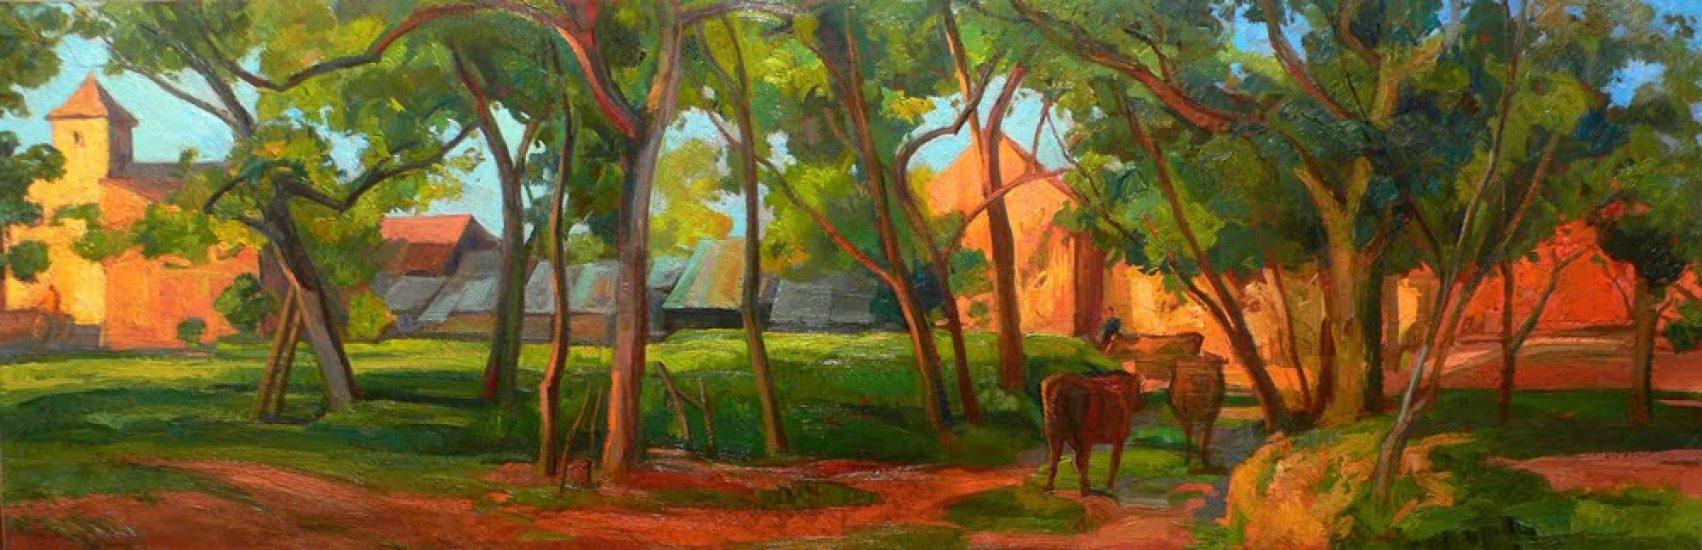 Le Retour des champs, Segonzac en Dordogne - 50 x 150 cm